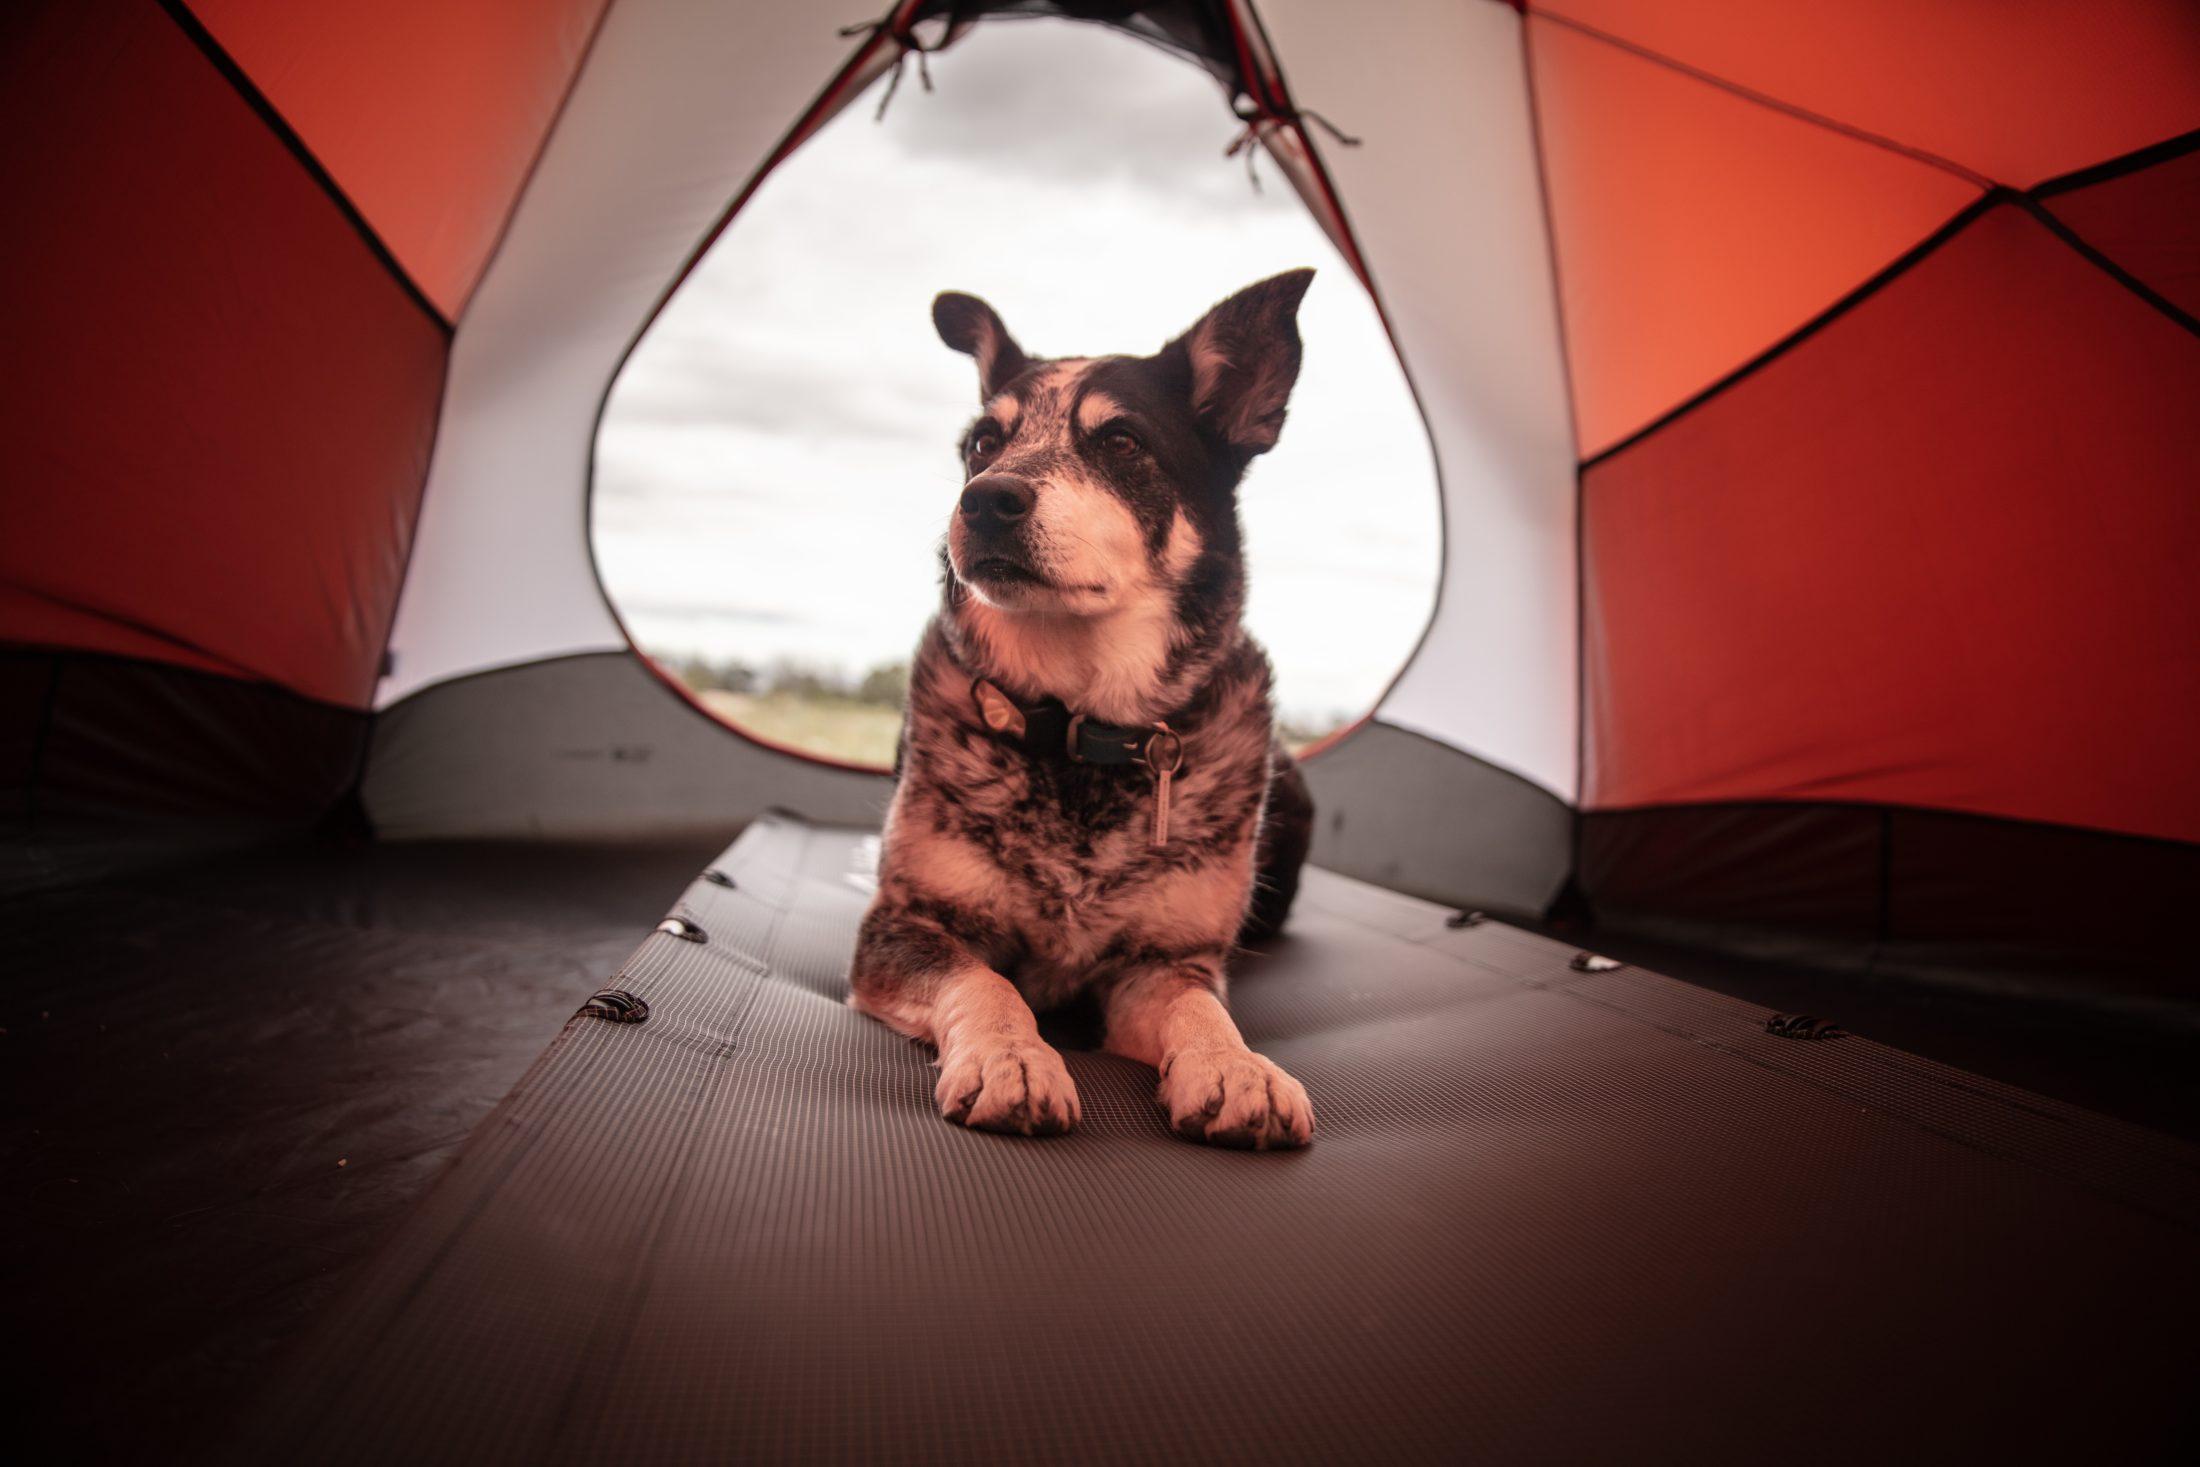 cachorro dentro de barraca de camping